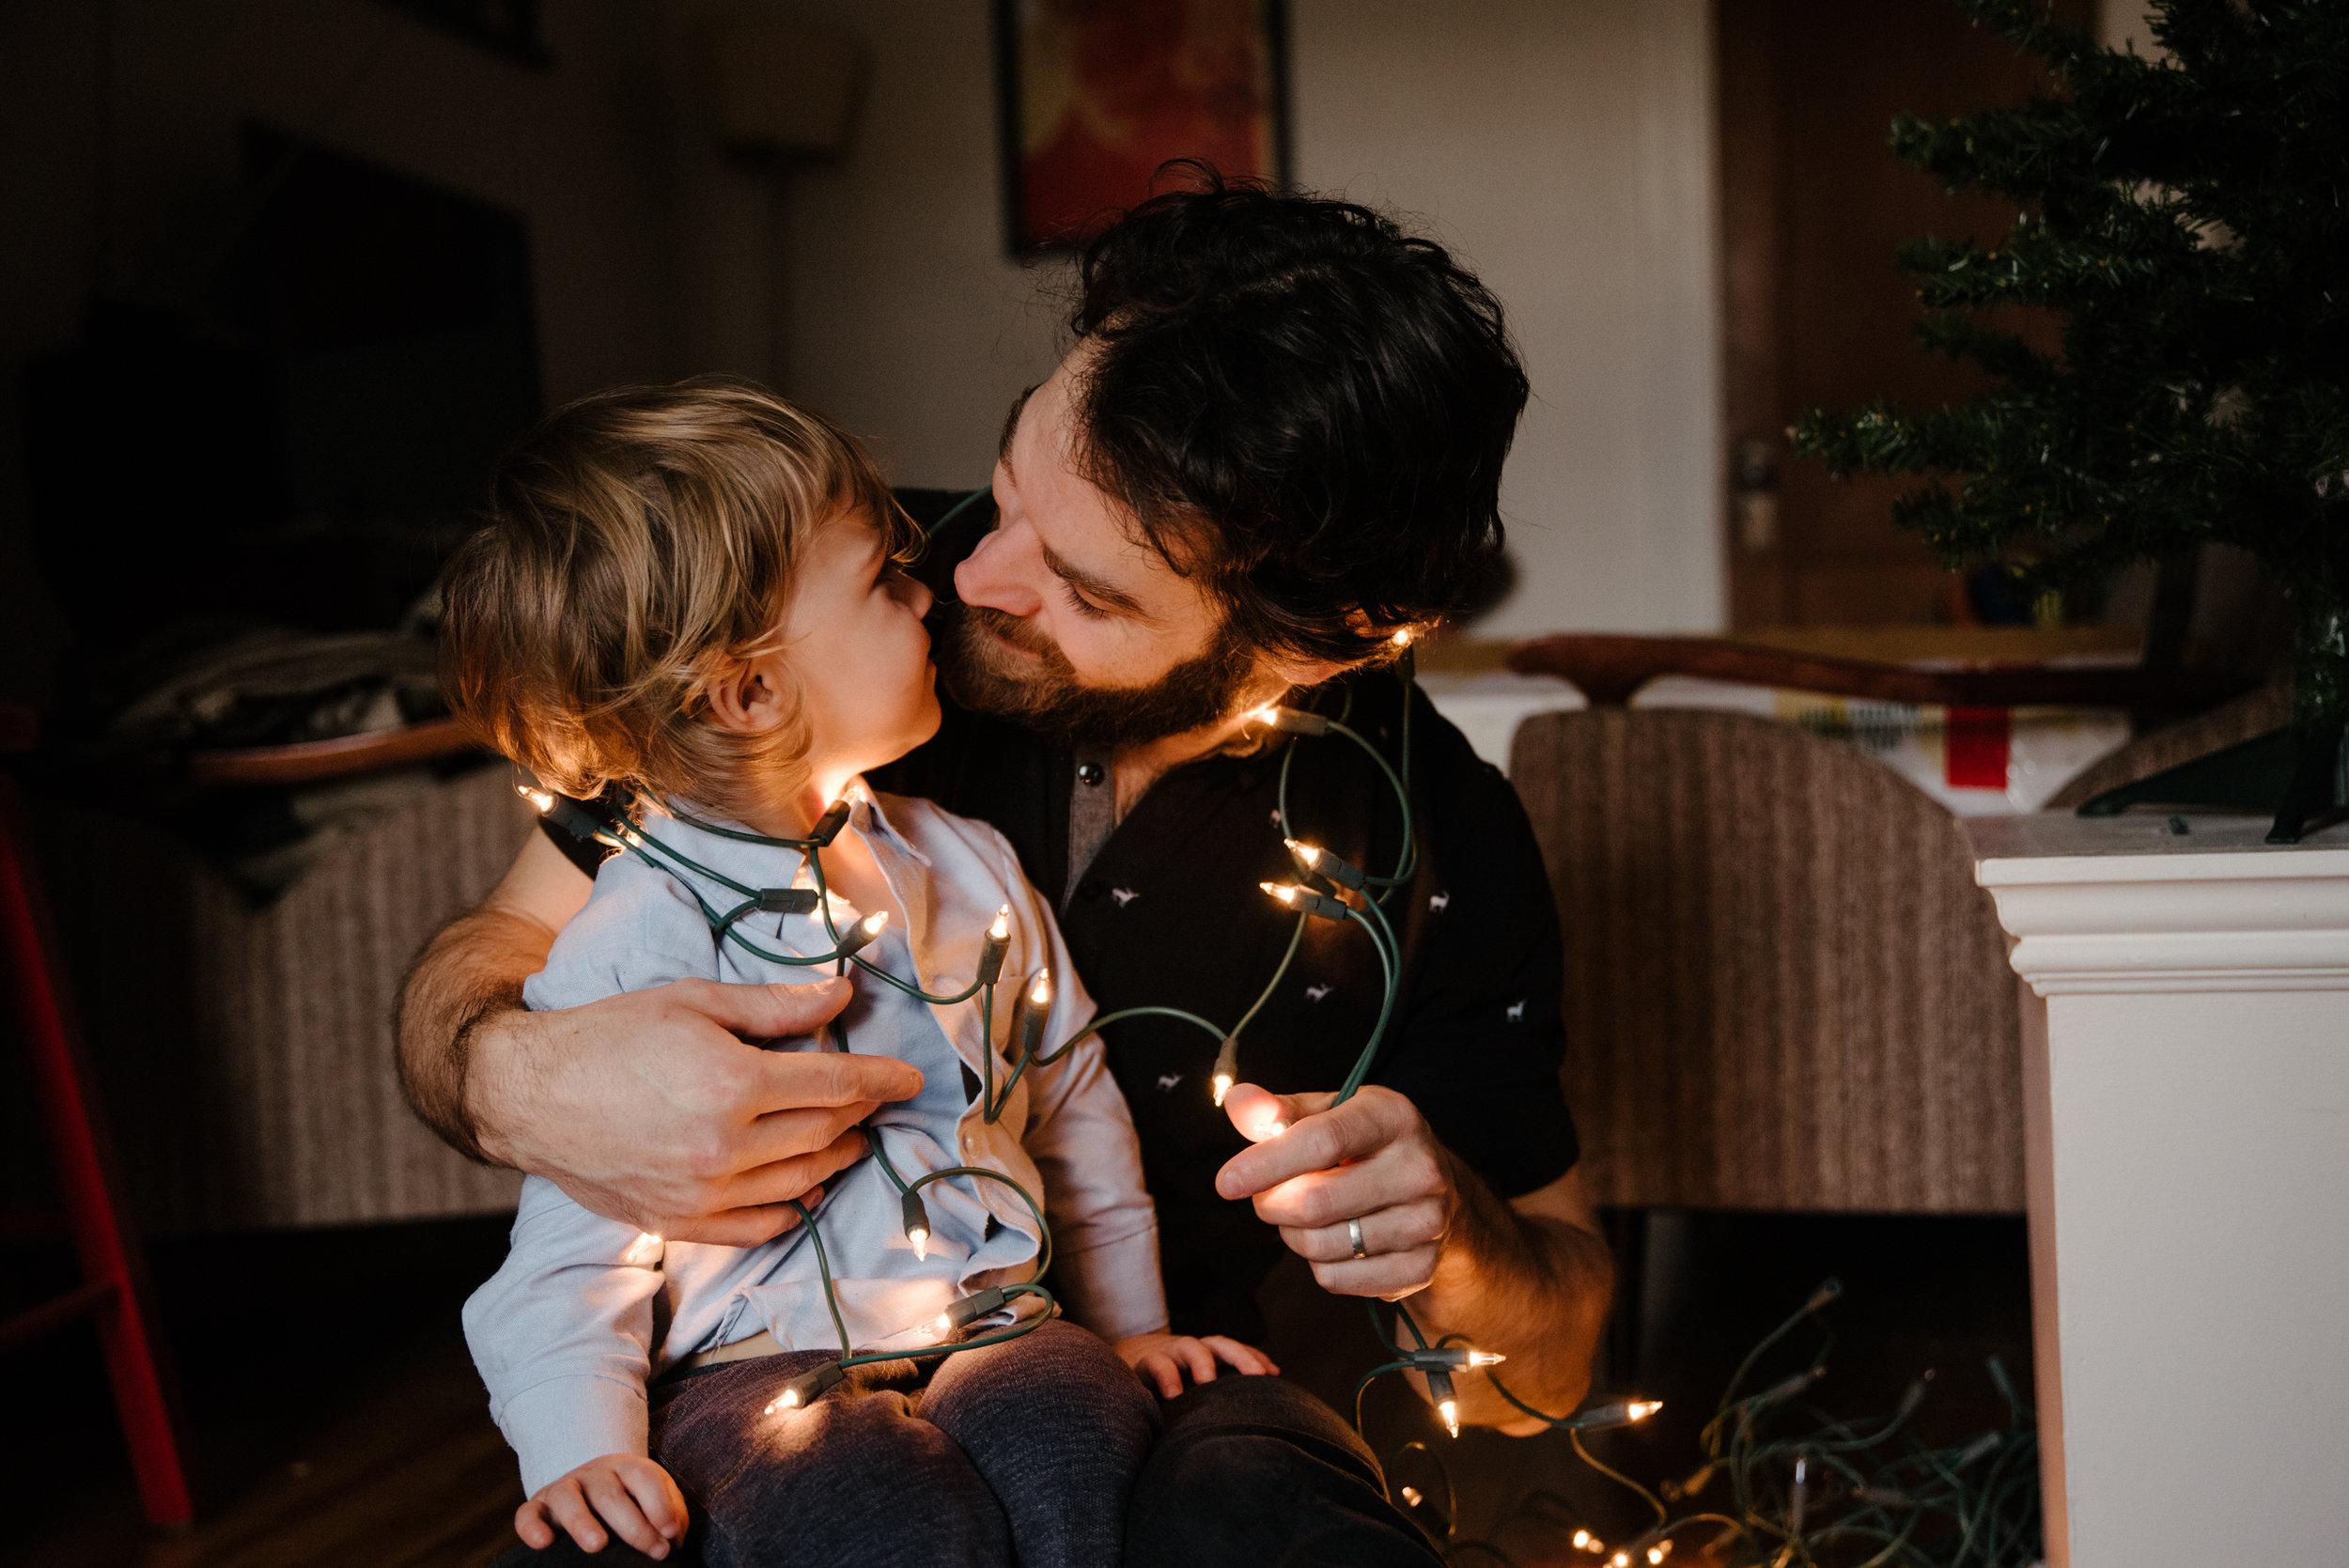 008-photo-d-un-enfant-et-son-pere-enroules-dans-les-lumieres-de-noel-photographe-lifestyle-famille-a-montreal-1194.jpg